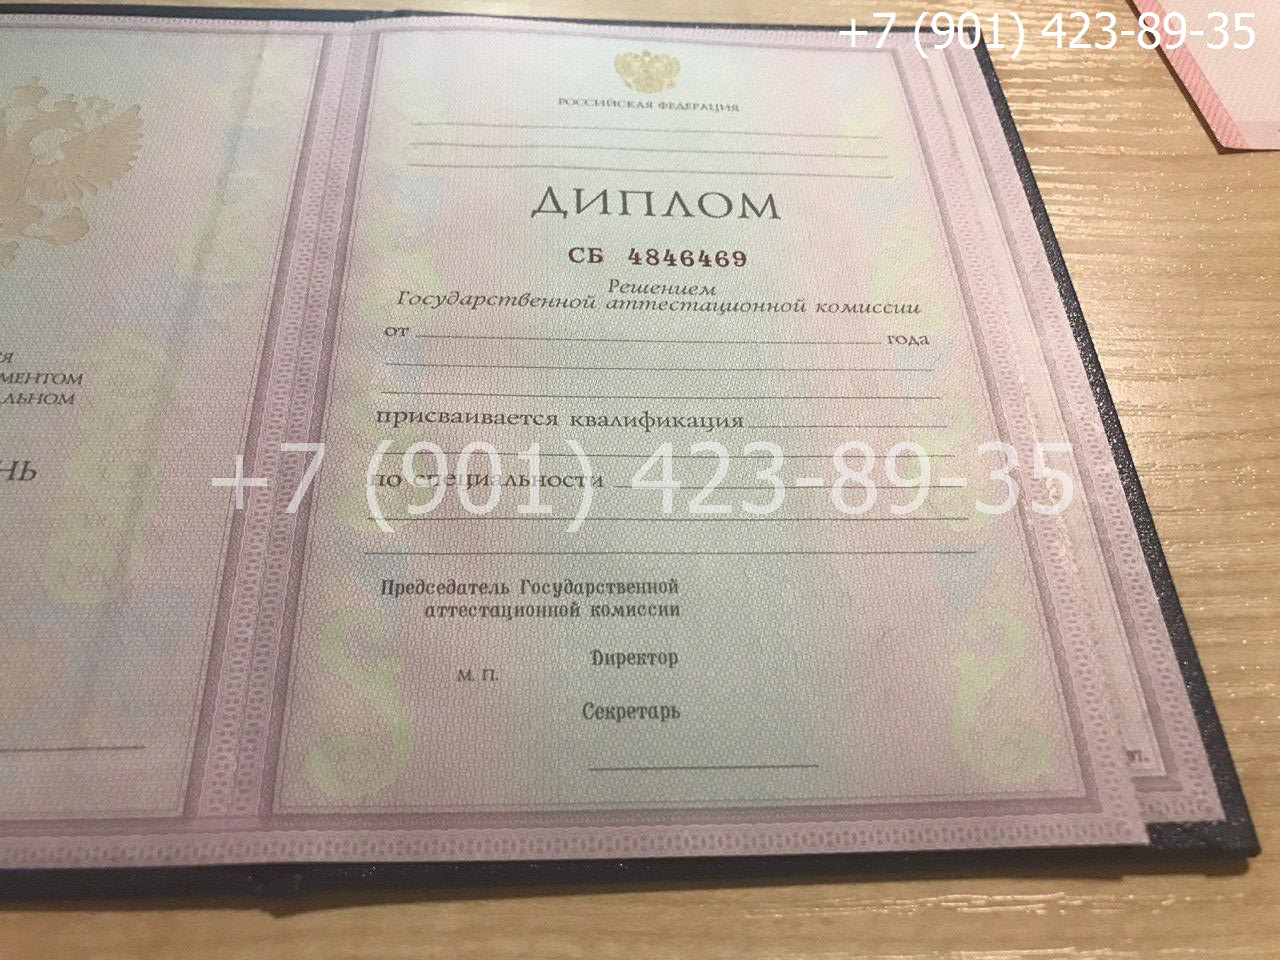 Диплом техникума 1997-2003 годов, старого образца, титульный лист